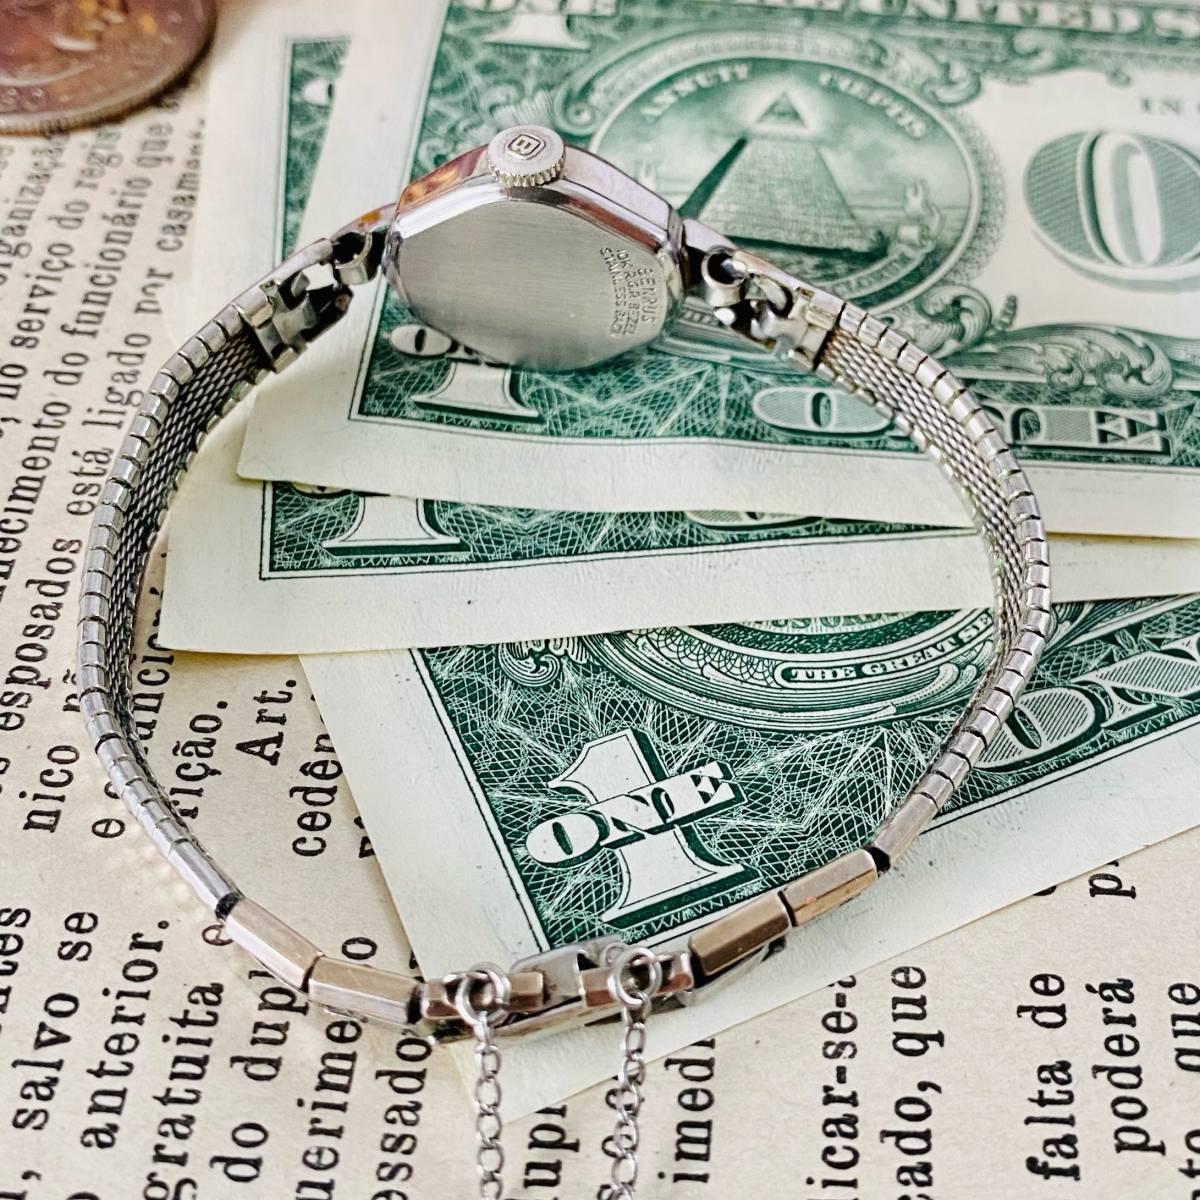 【高級腕時計 ベンラス 】Benrus 10KRGP 手巻き 17石 手巻き メンズ レディース ビンテージ アナログ 腕時計 7026_画像8